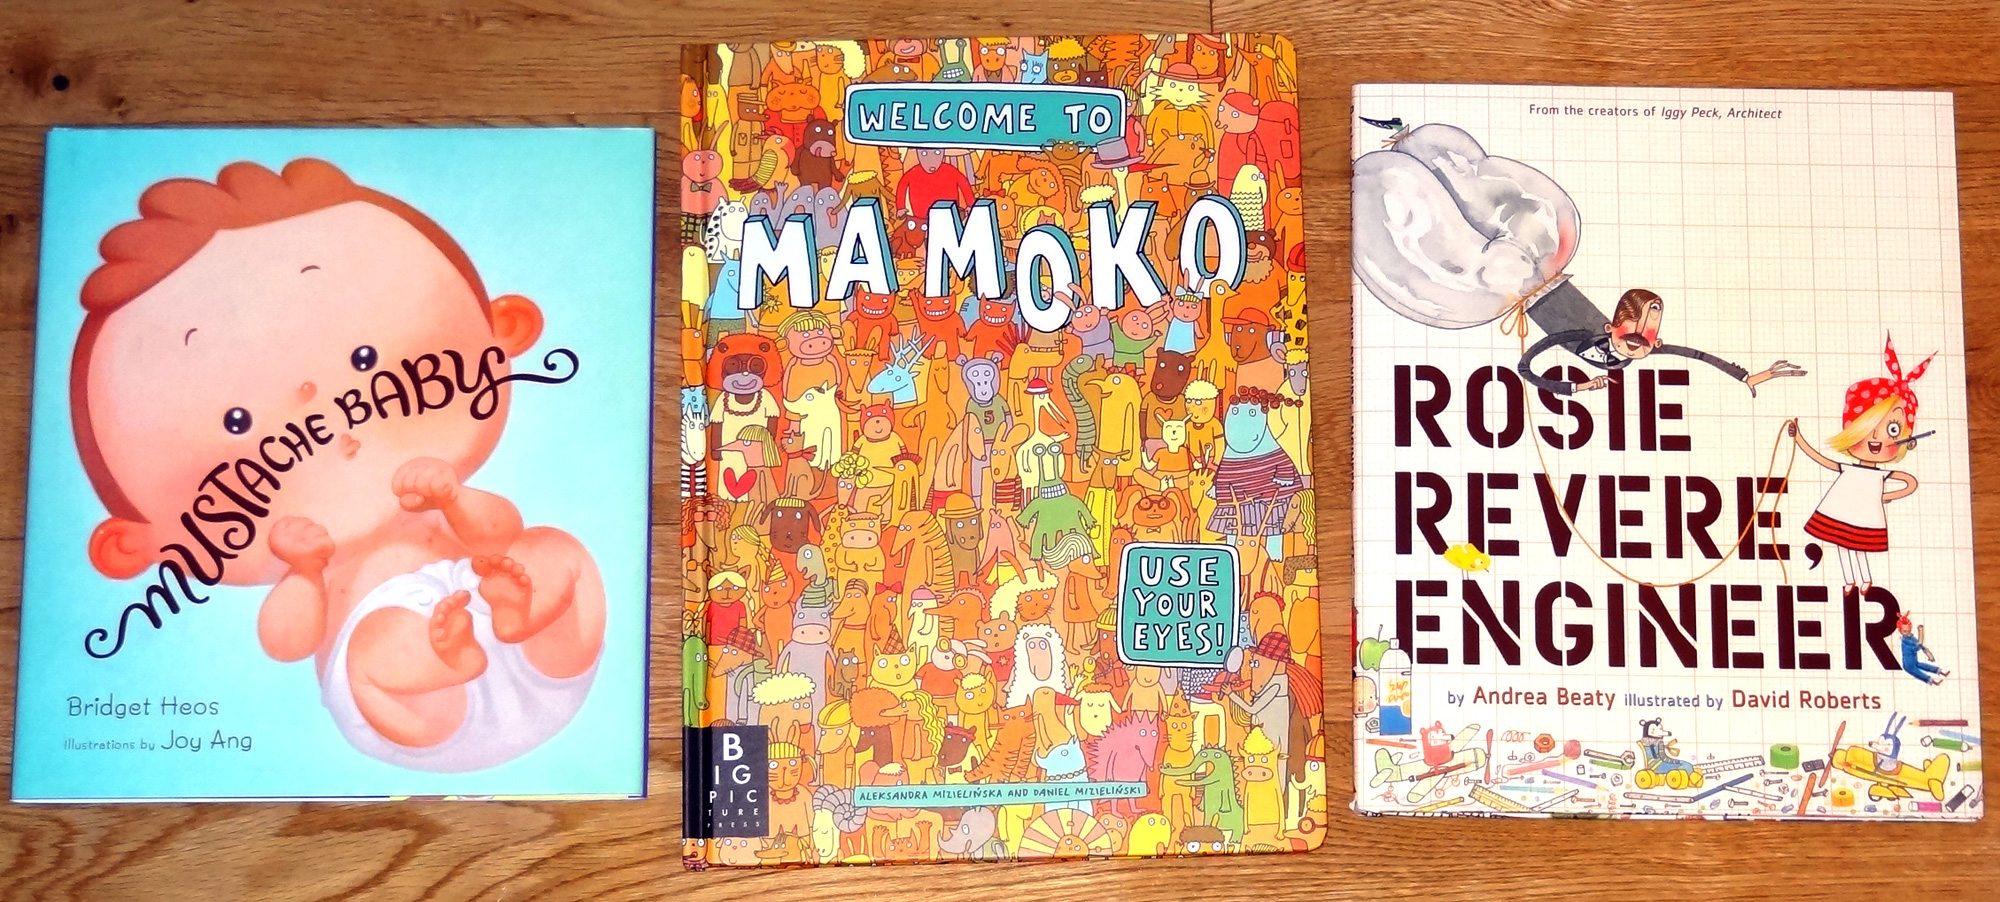 Mustache Baby, Mamoko, Rosie Revere